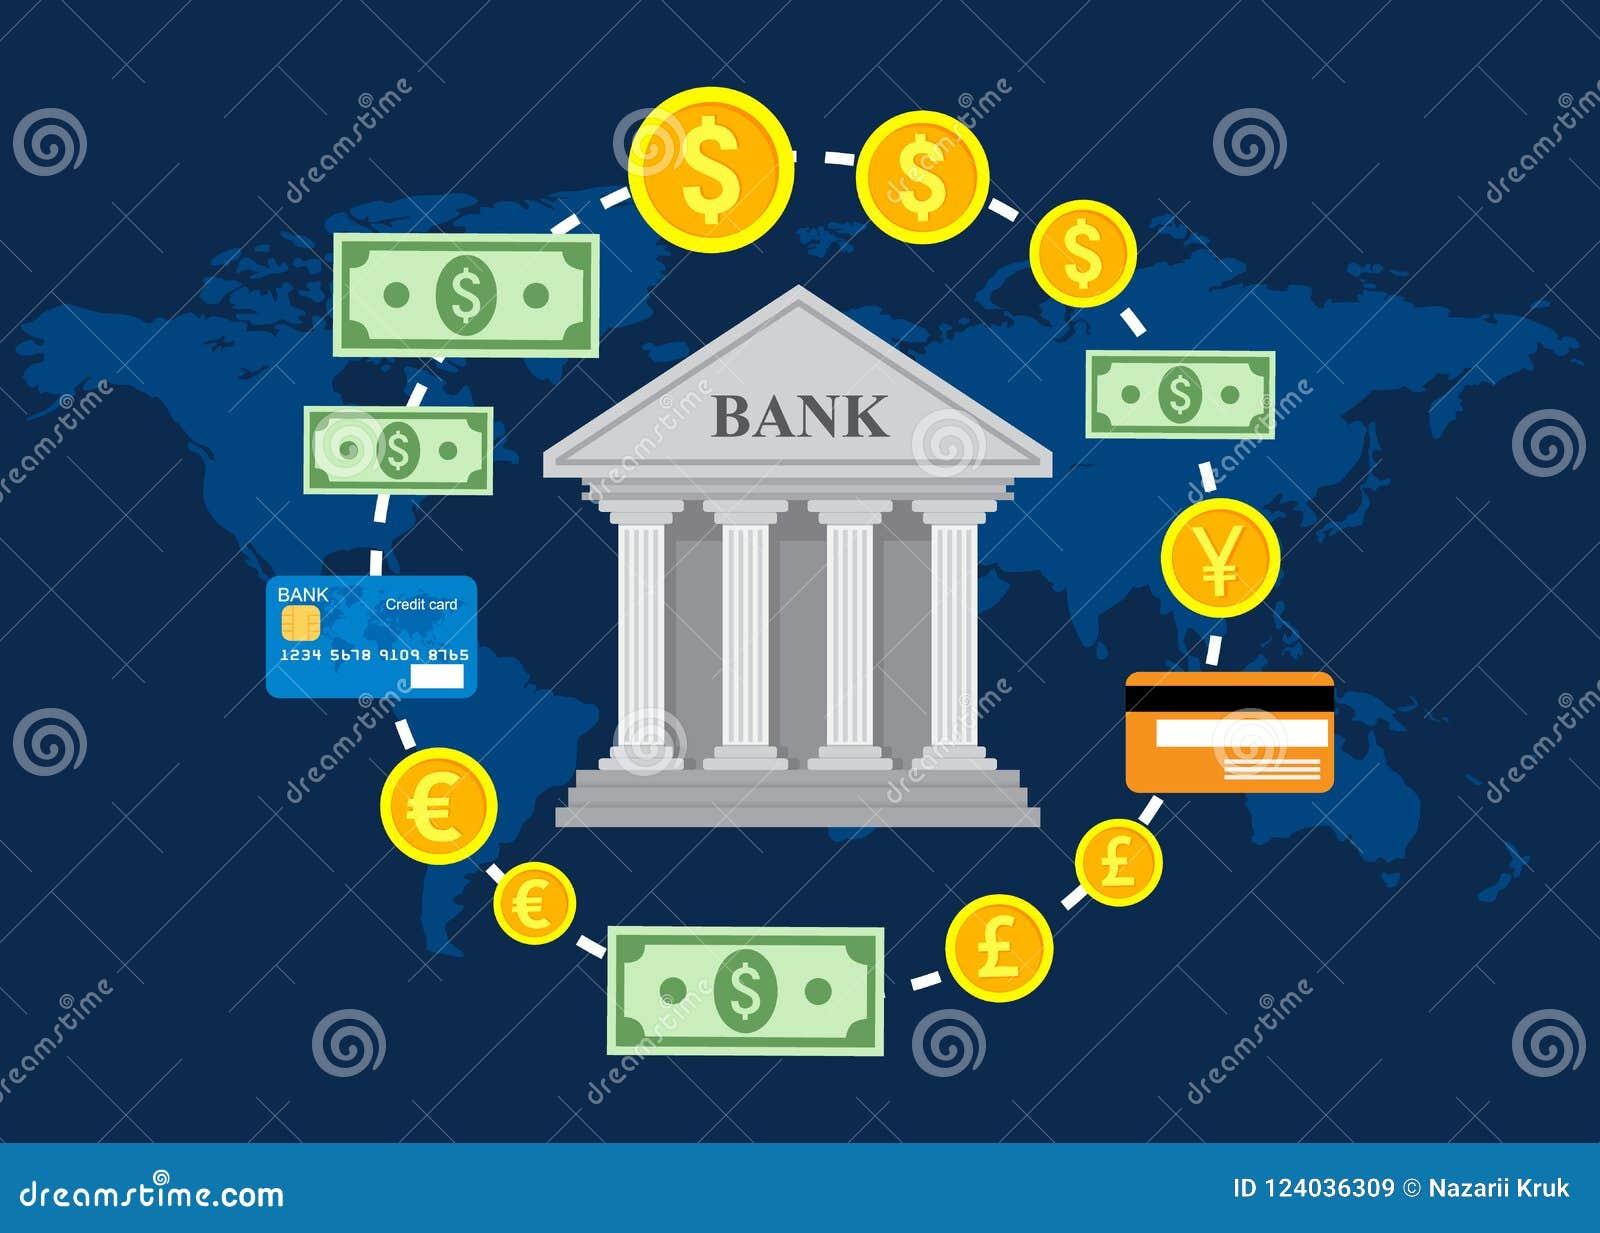 Τραπεζική έννοια, παγκόσμια αγορά συναλλάγματος, τραπεζικό εμπόριο, τραπεζικό σύστημα επίσης corel σύρετε το διάνυσμα απεικόνισης